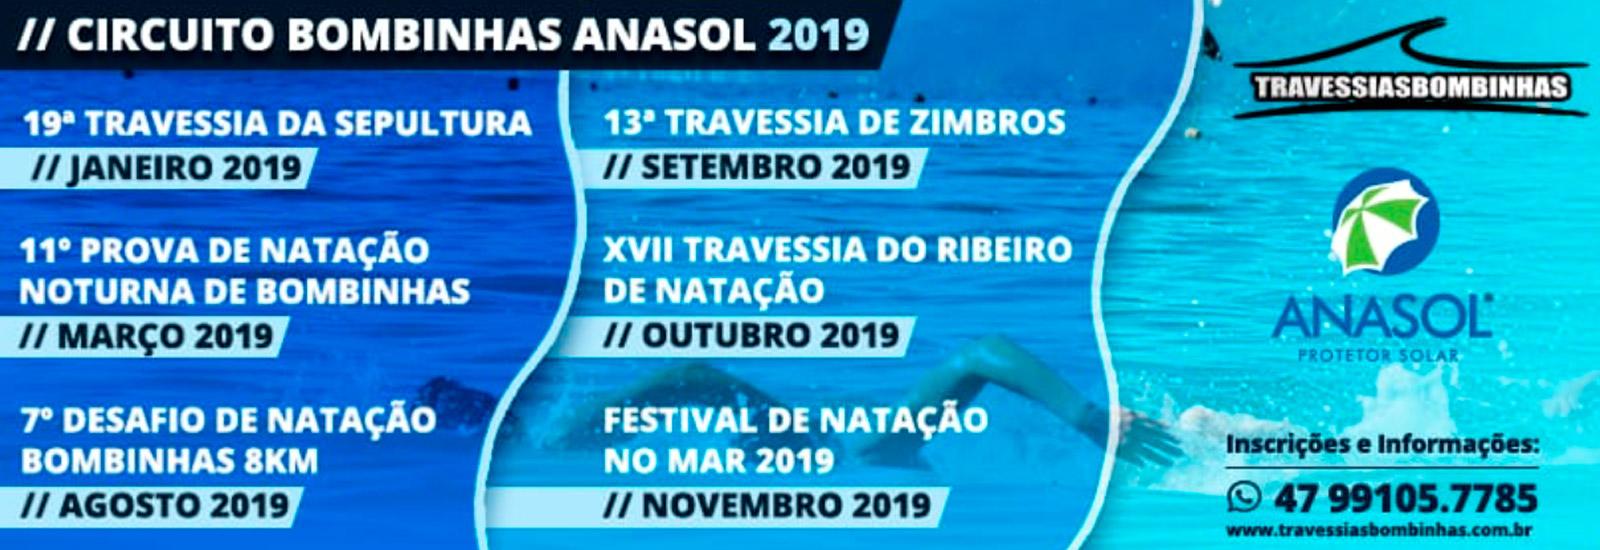 11ª PROVA DE NATAÇÃO NOTURNA - 2019 - Imagem de topo